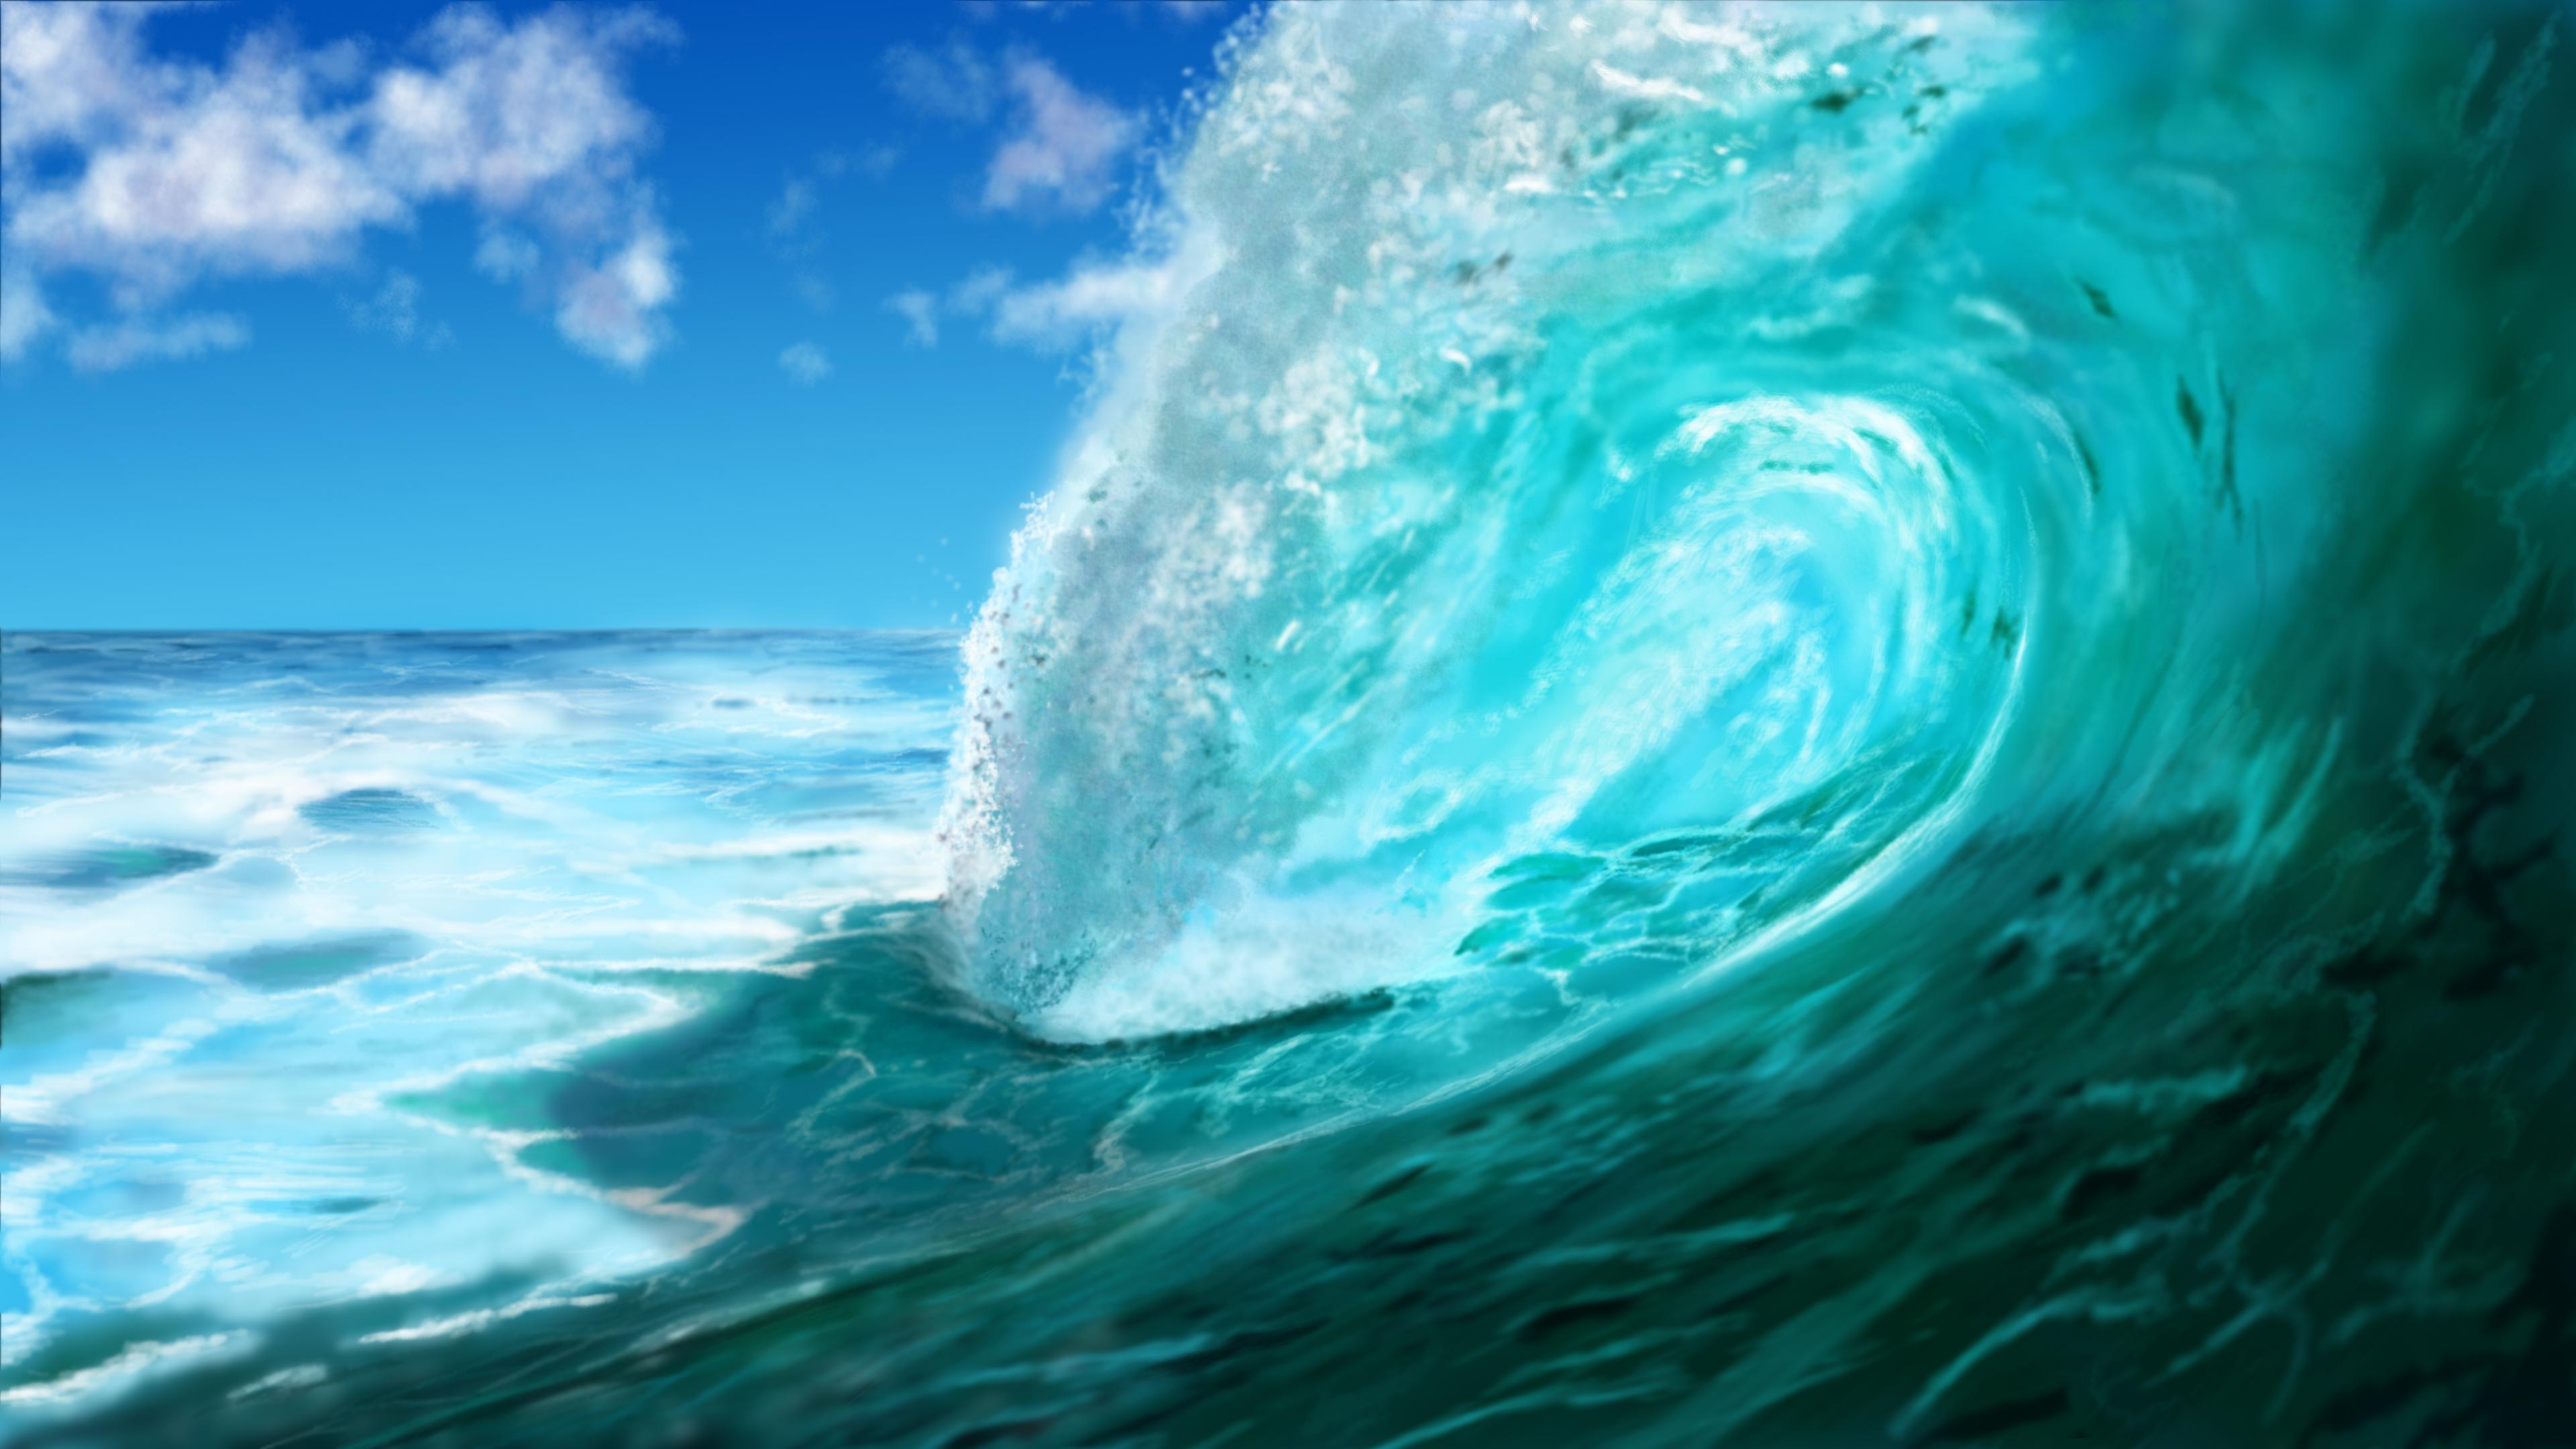 Digital Painting - Ocean Wave (Meereswoge, Welle) by ...